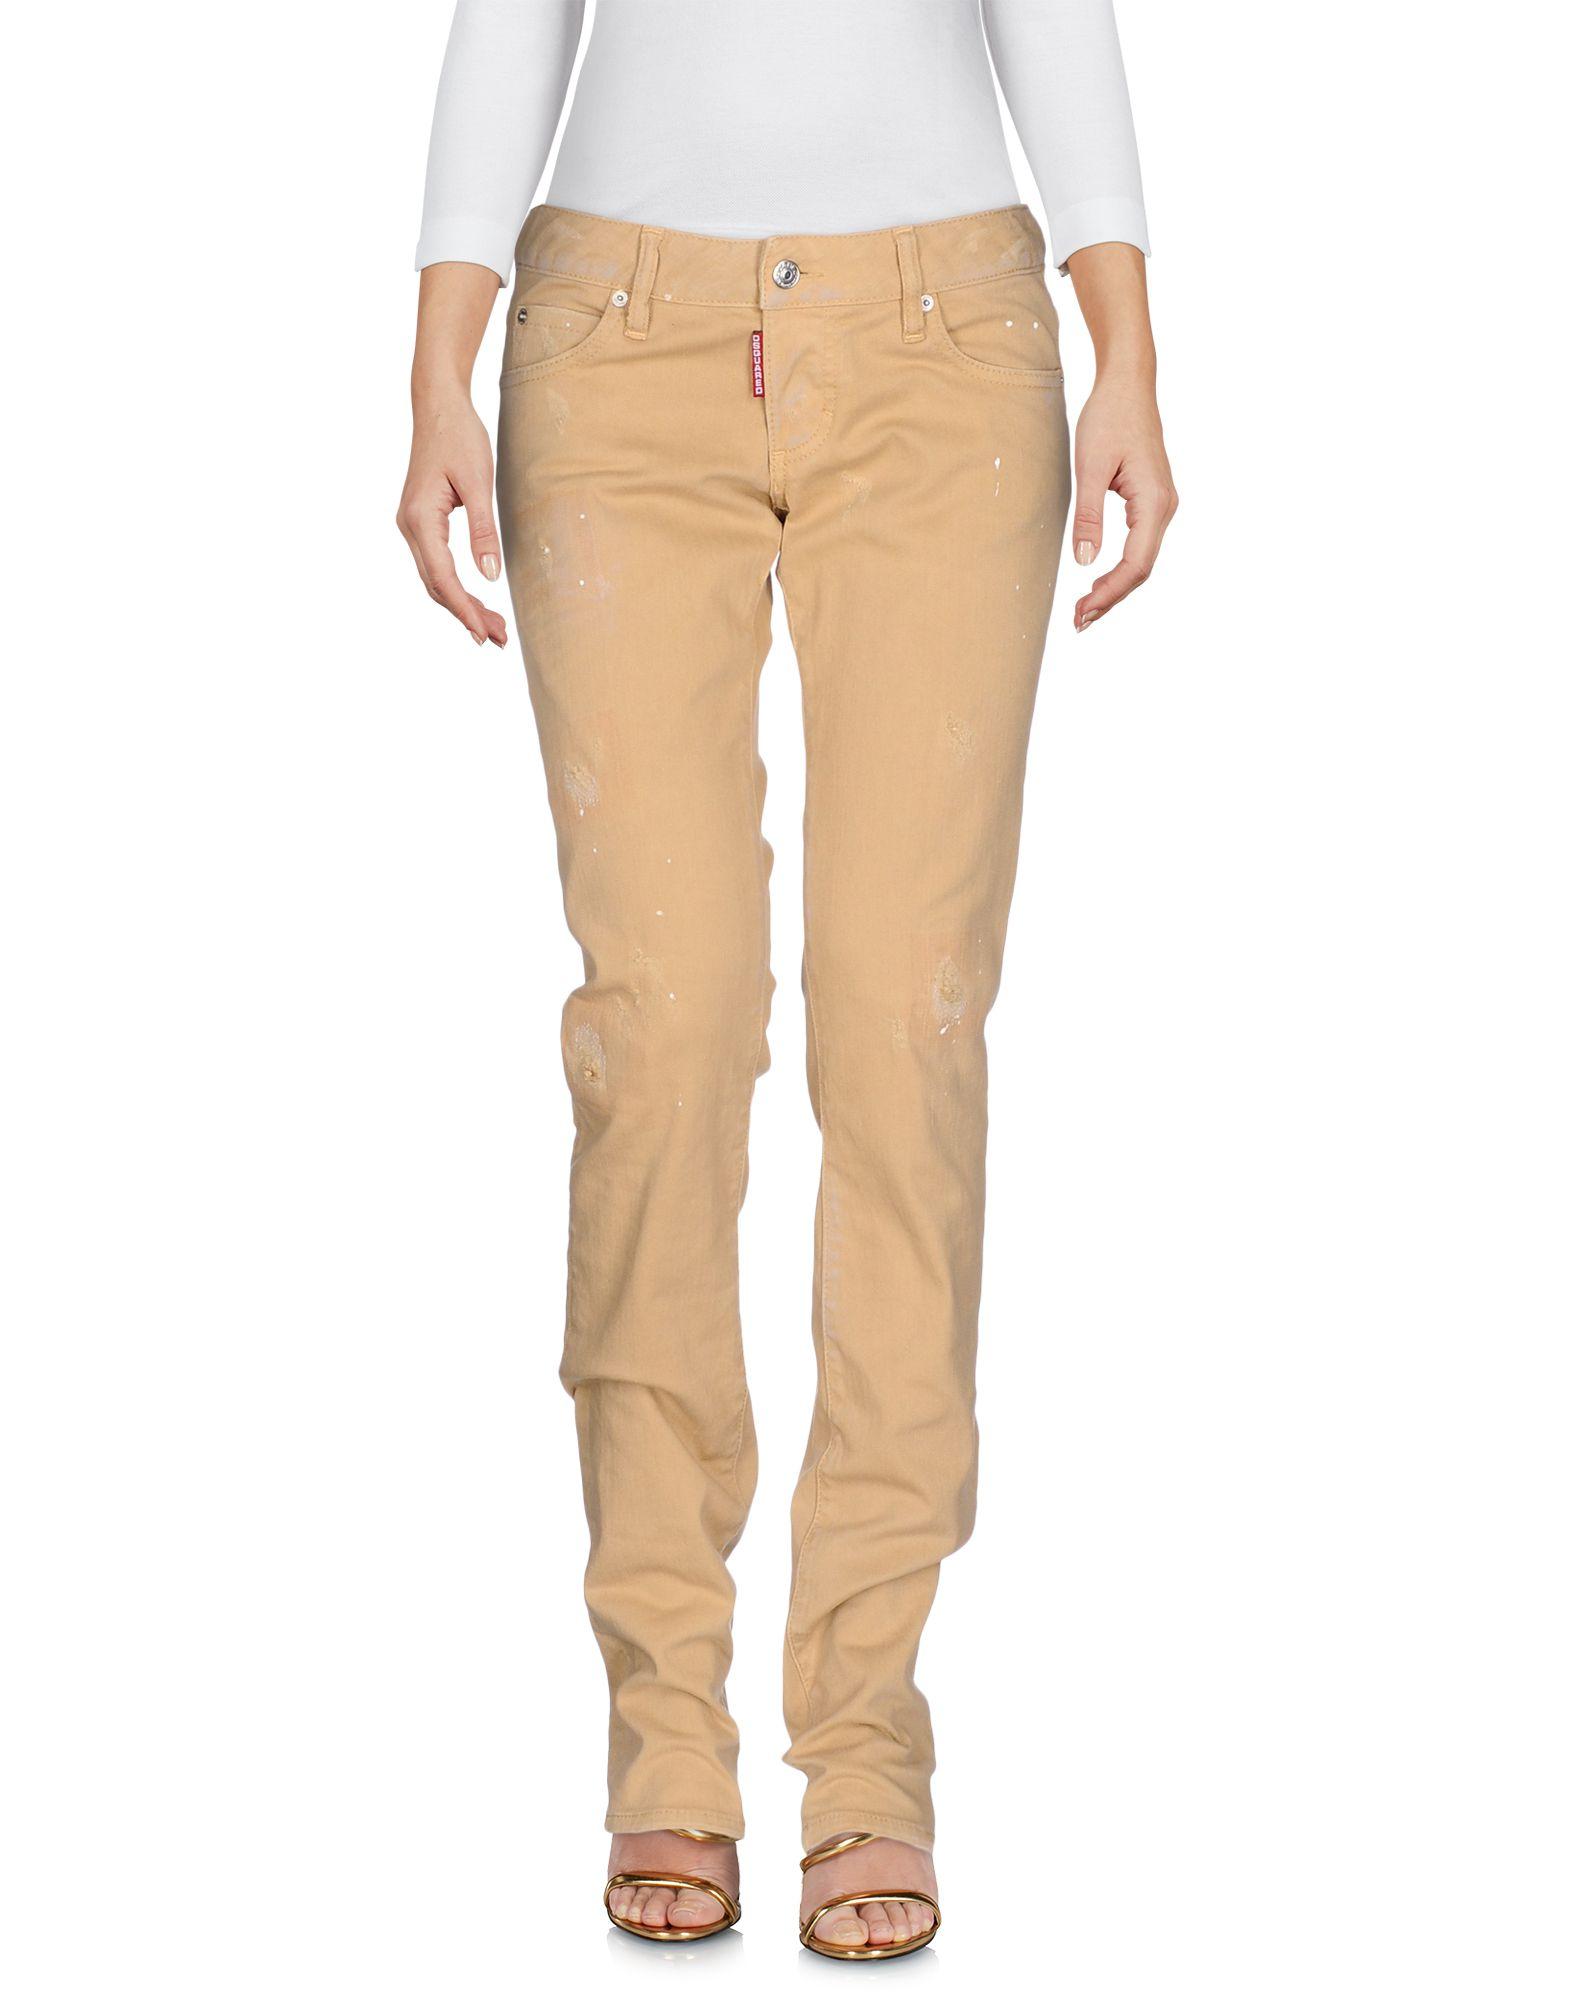 DSQUARED2 Damen Jeanshose Farbe Beige Größe 3 jetztbilligerkaufen